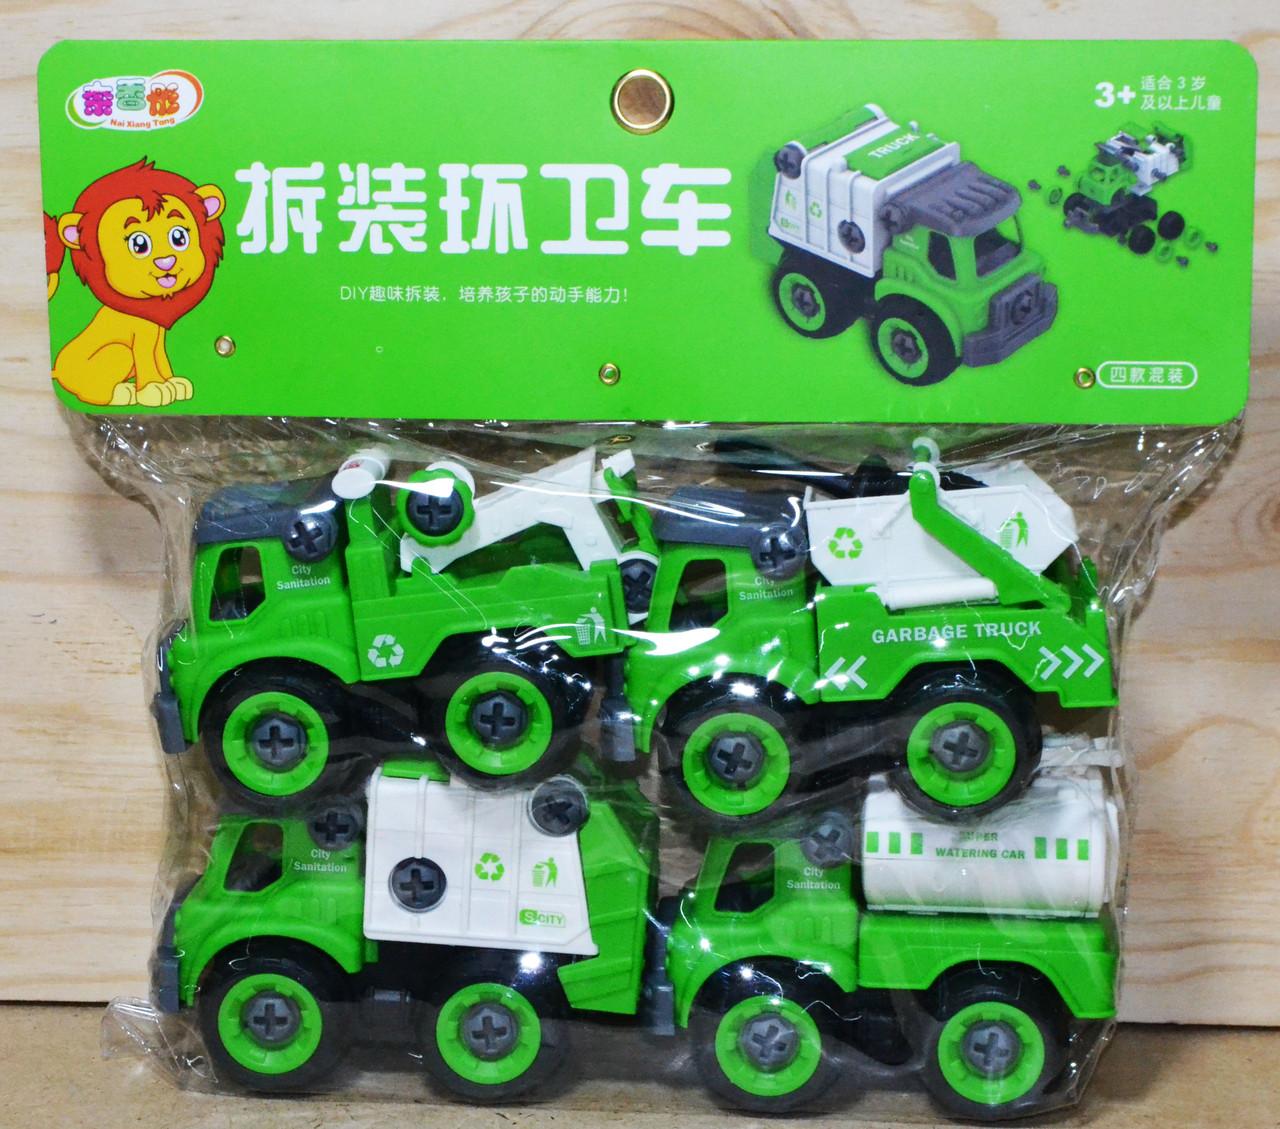 666-47 Машинки спецтехника 4 в 1 зеленая разбирайка 27*24